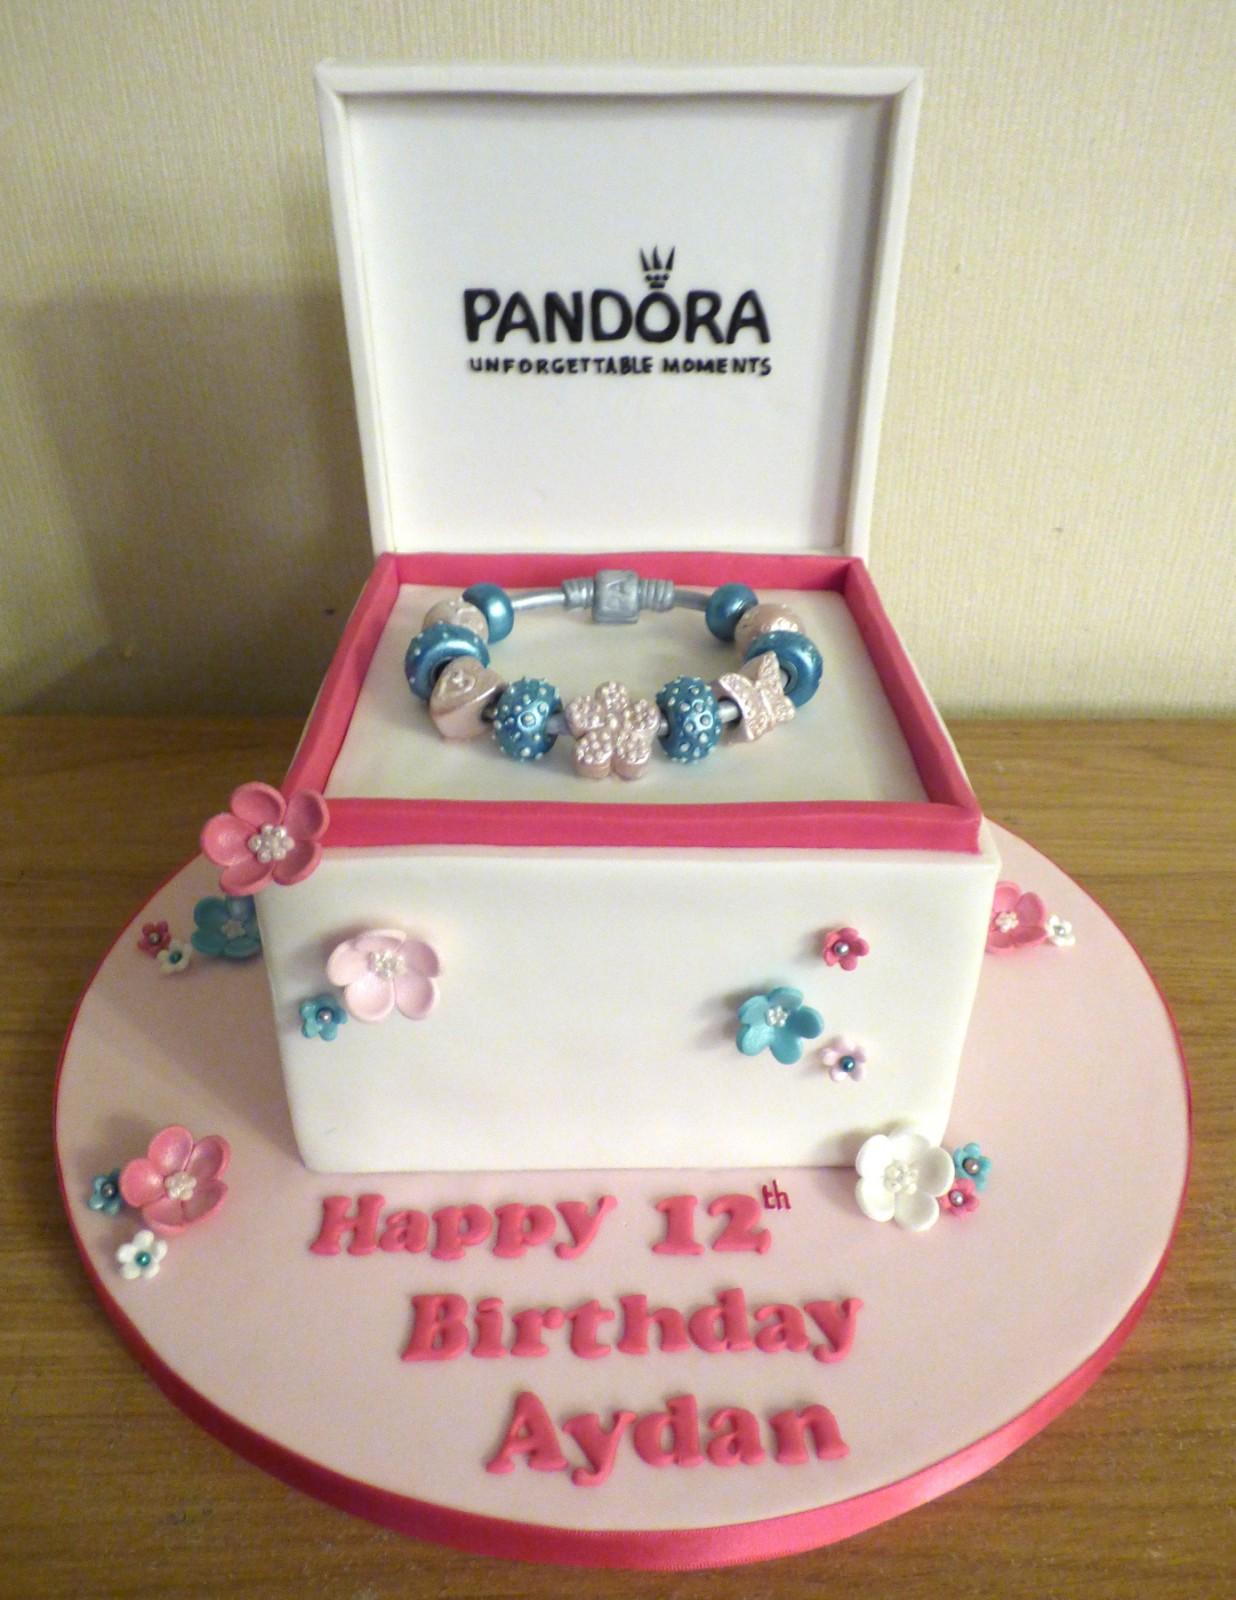 Surprising Pandora Gift Box And Charm Bracelet Birthday Cake Susies Cakes Birthday Cards Printable Opercafe Filternl